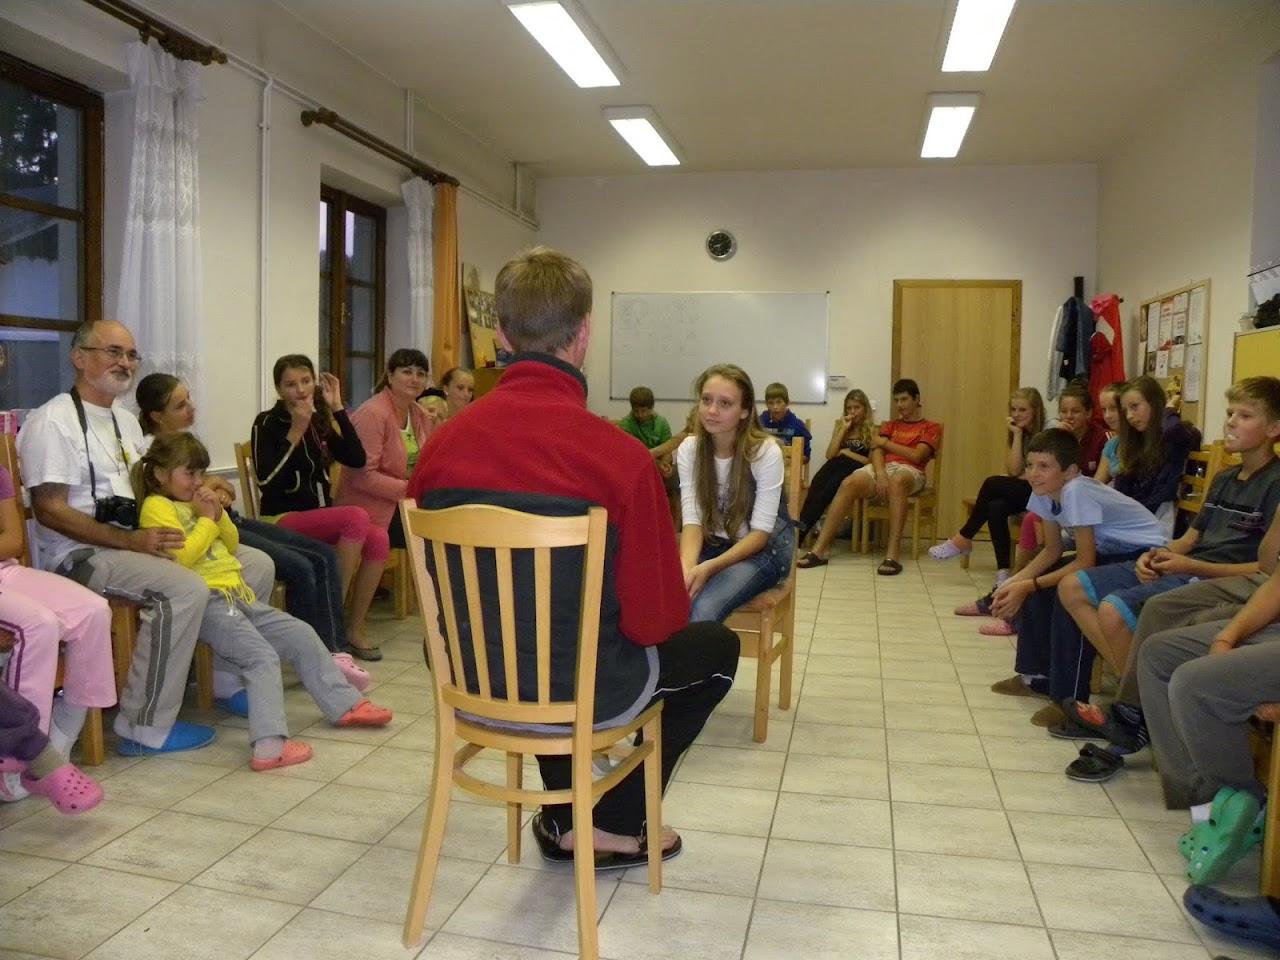 Tábor - Veľké Karlovice - fotka 465.JPG